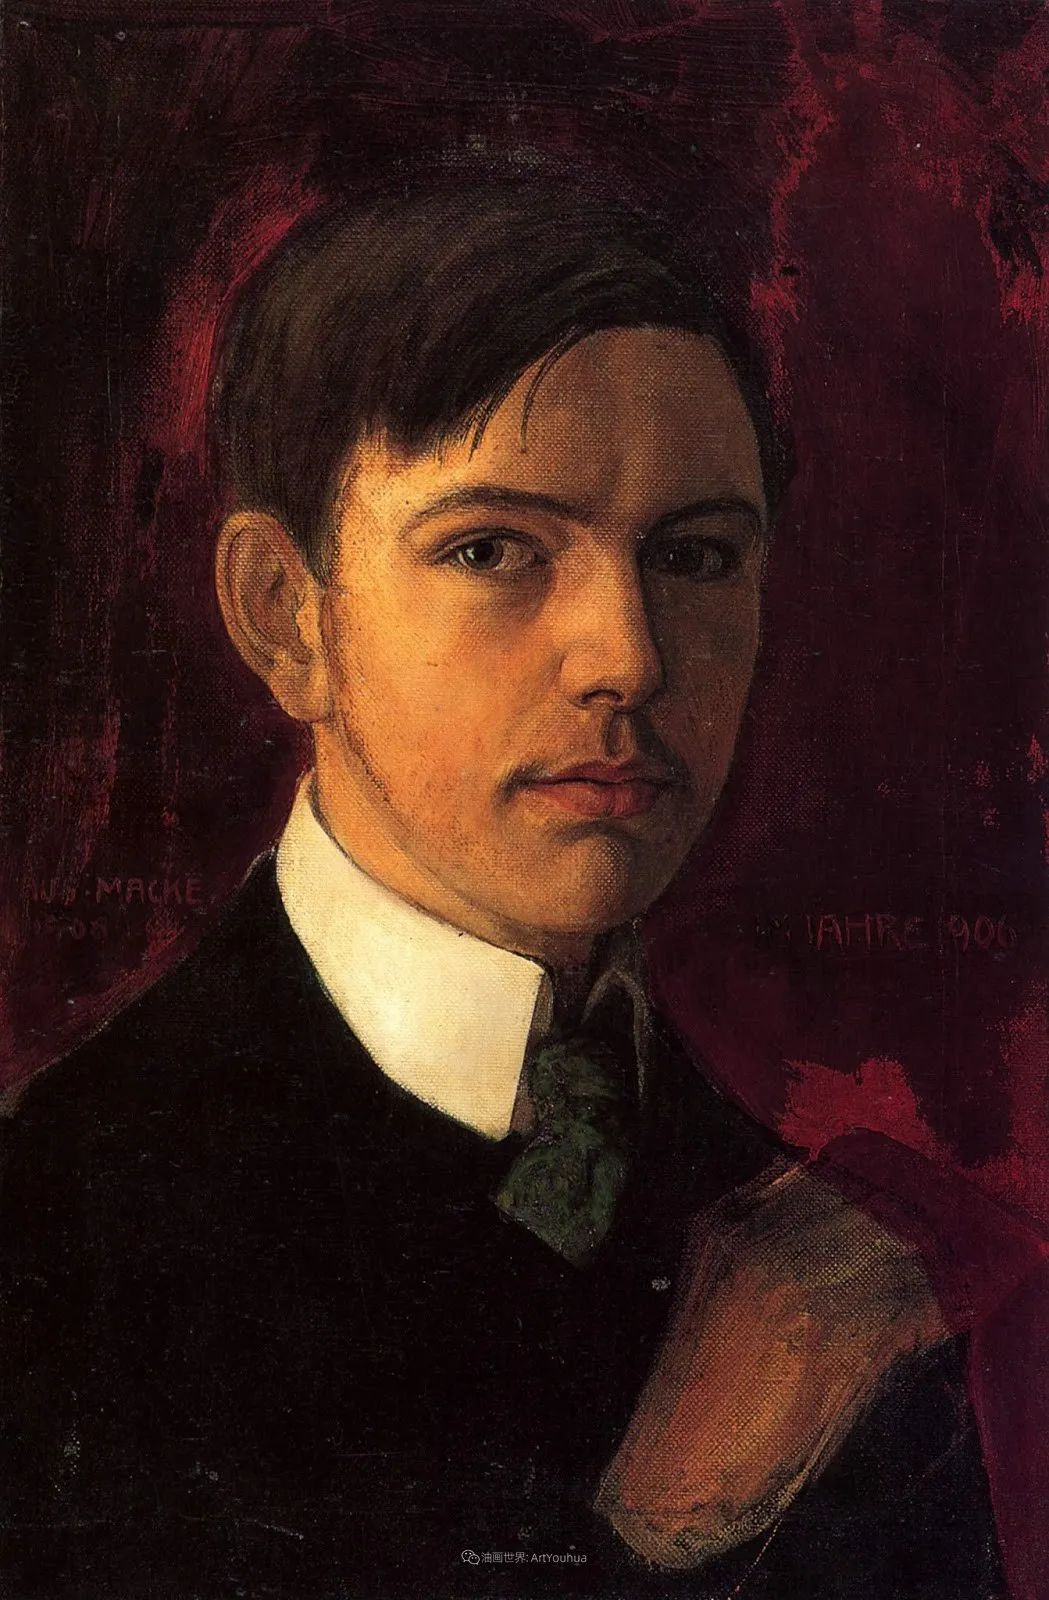 画面色彩的力量,德国表现主义画家奥古斯特·马克插图3